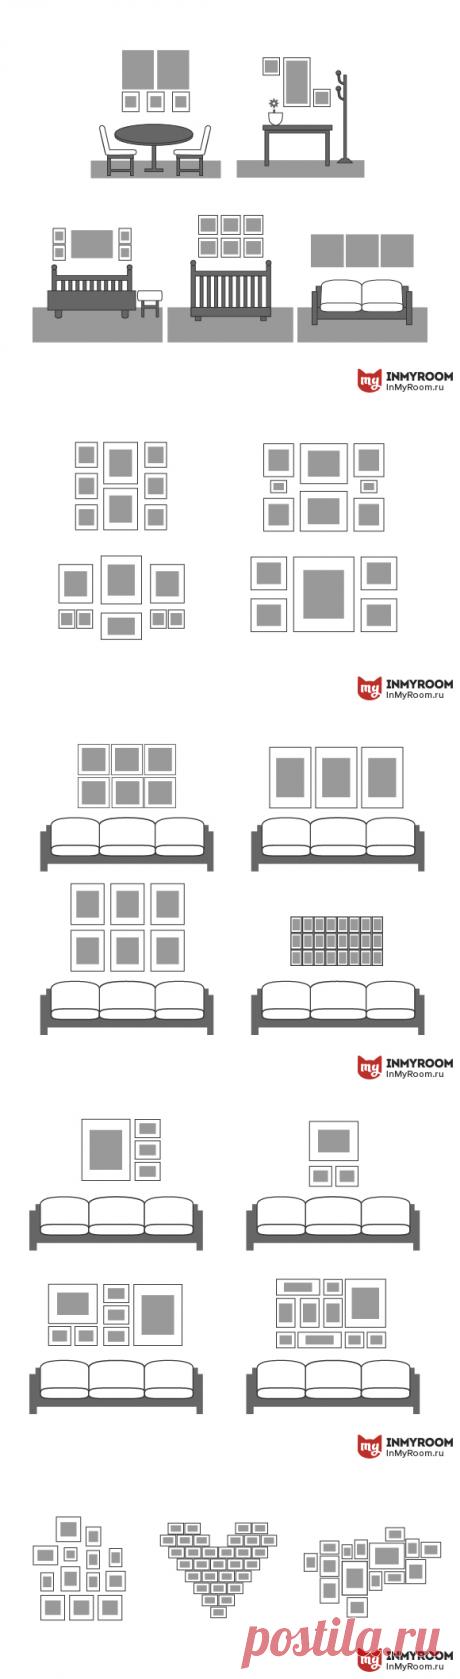 Как красиво развесить картины на стене: 8 советов и 32 готовые схемы | Свежие идеи дизайна интерьеров, декора, архитектуры на InMyRoom.ru